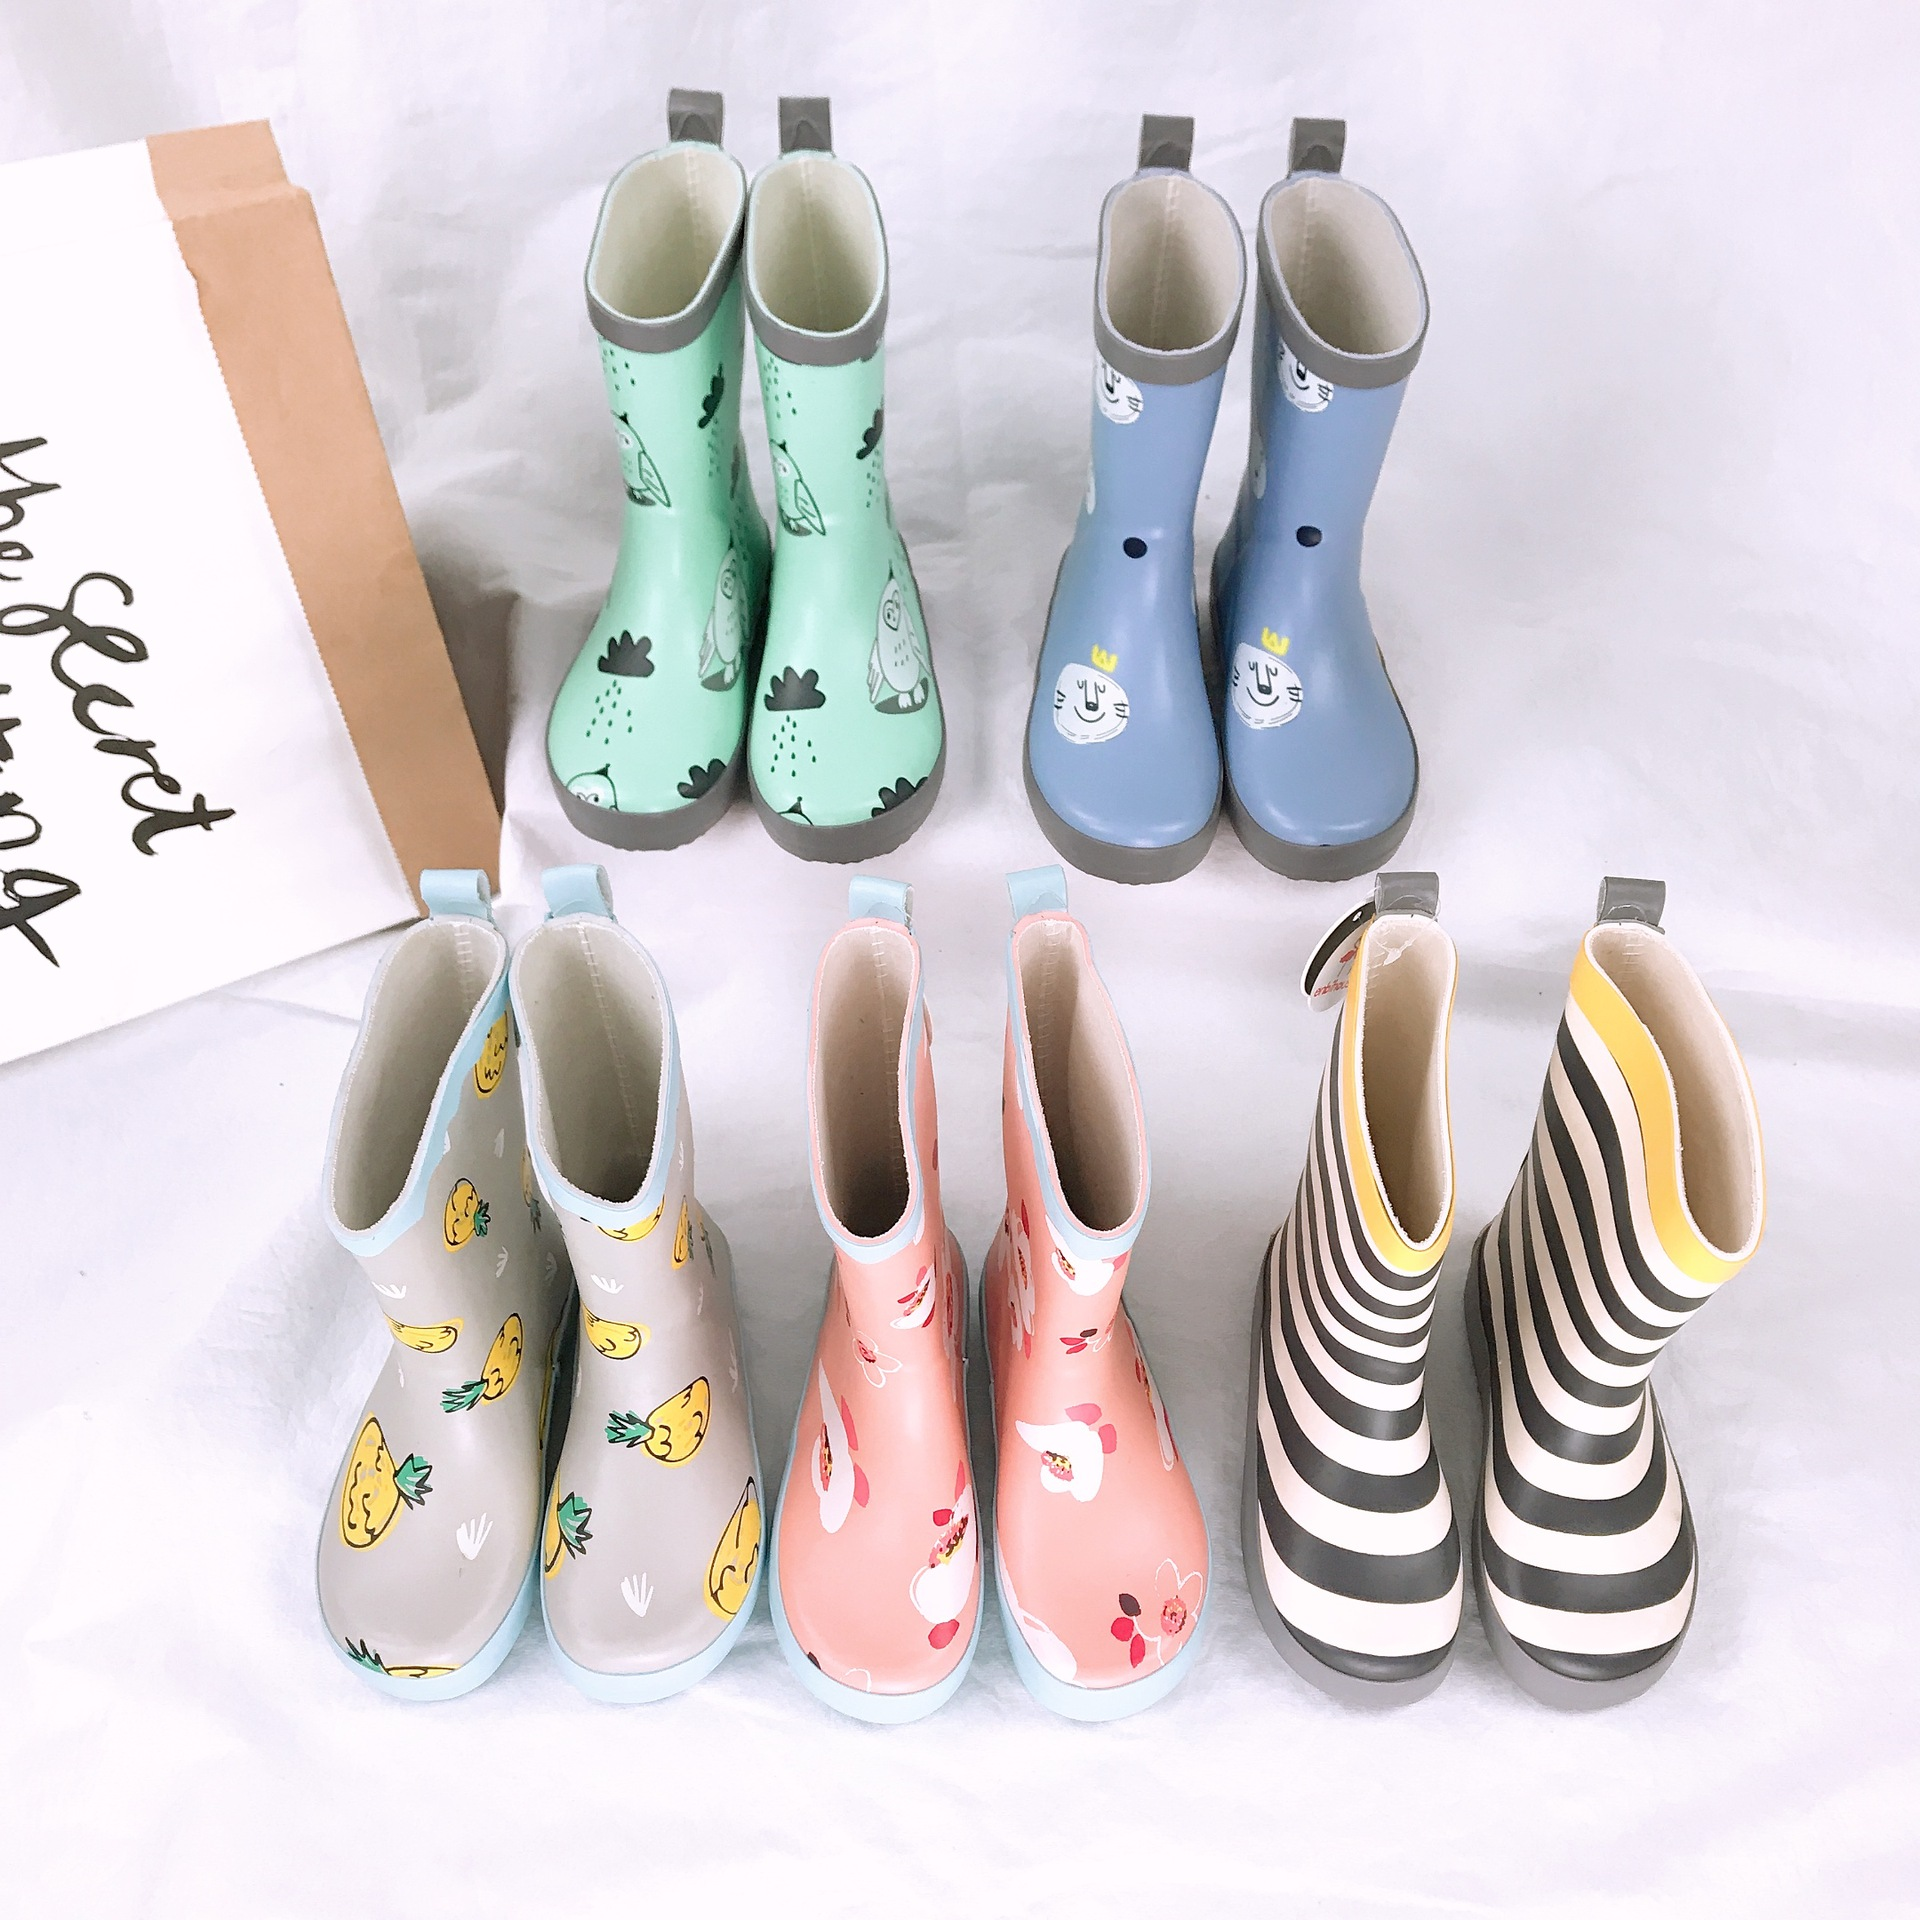 Celveroso Botas de Chuva Botas De Borracha das Crianças Menina Bonito dos desenhos animados Impresso Crianças Kalosze Dla Dzieci À Prova D' Água Sapatos de Água Do Bebê